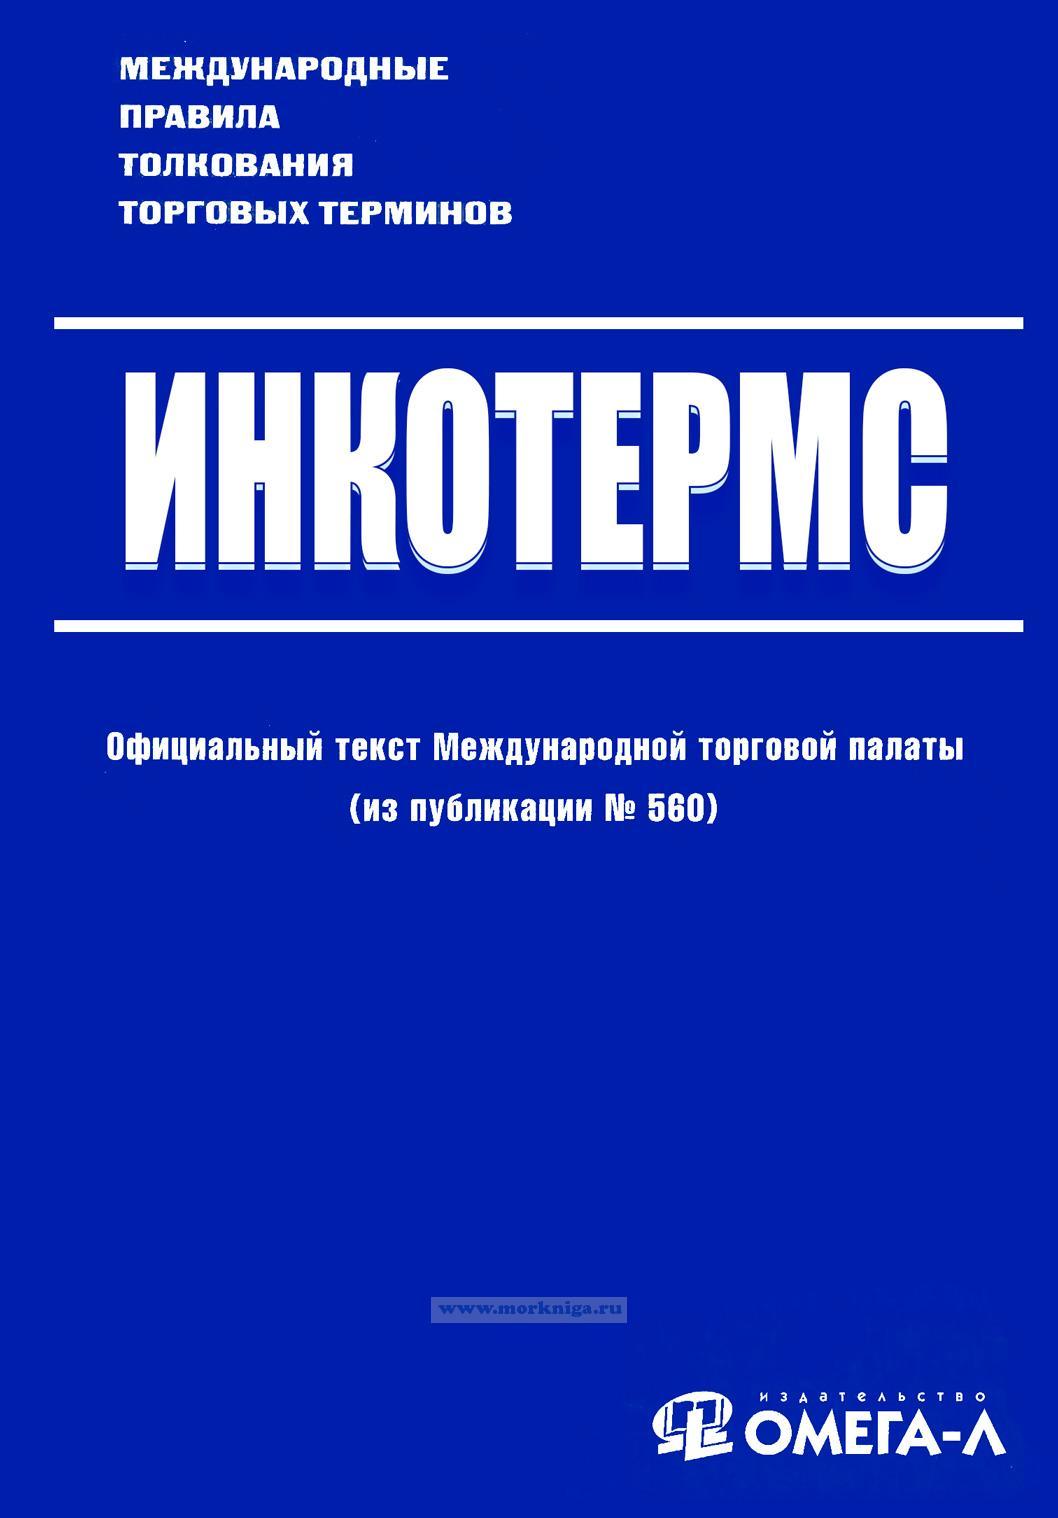 ИНКОТЕРМС 2000 (Международные правила толкования торговых терминов). Официальный текст Международной торговой палаты (из публикации № 560)